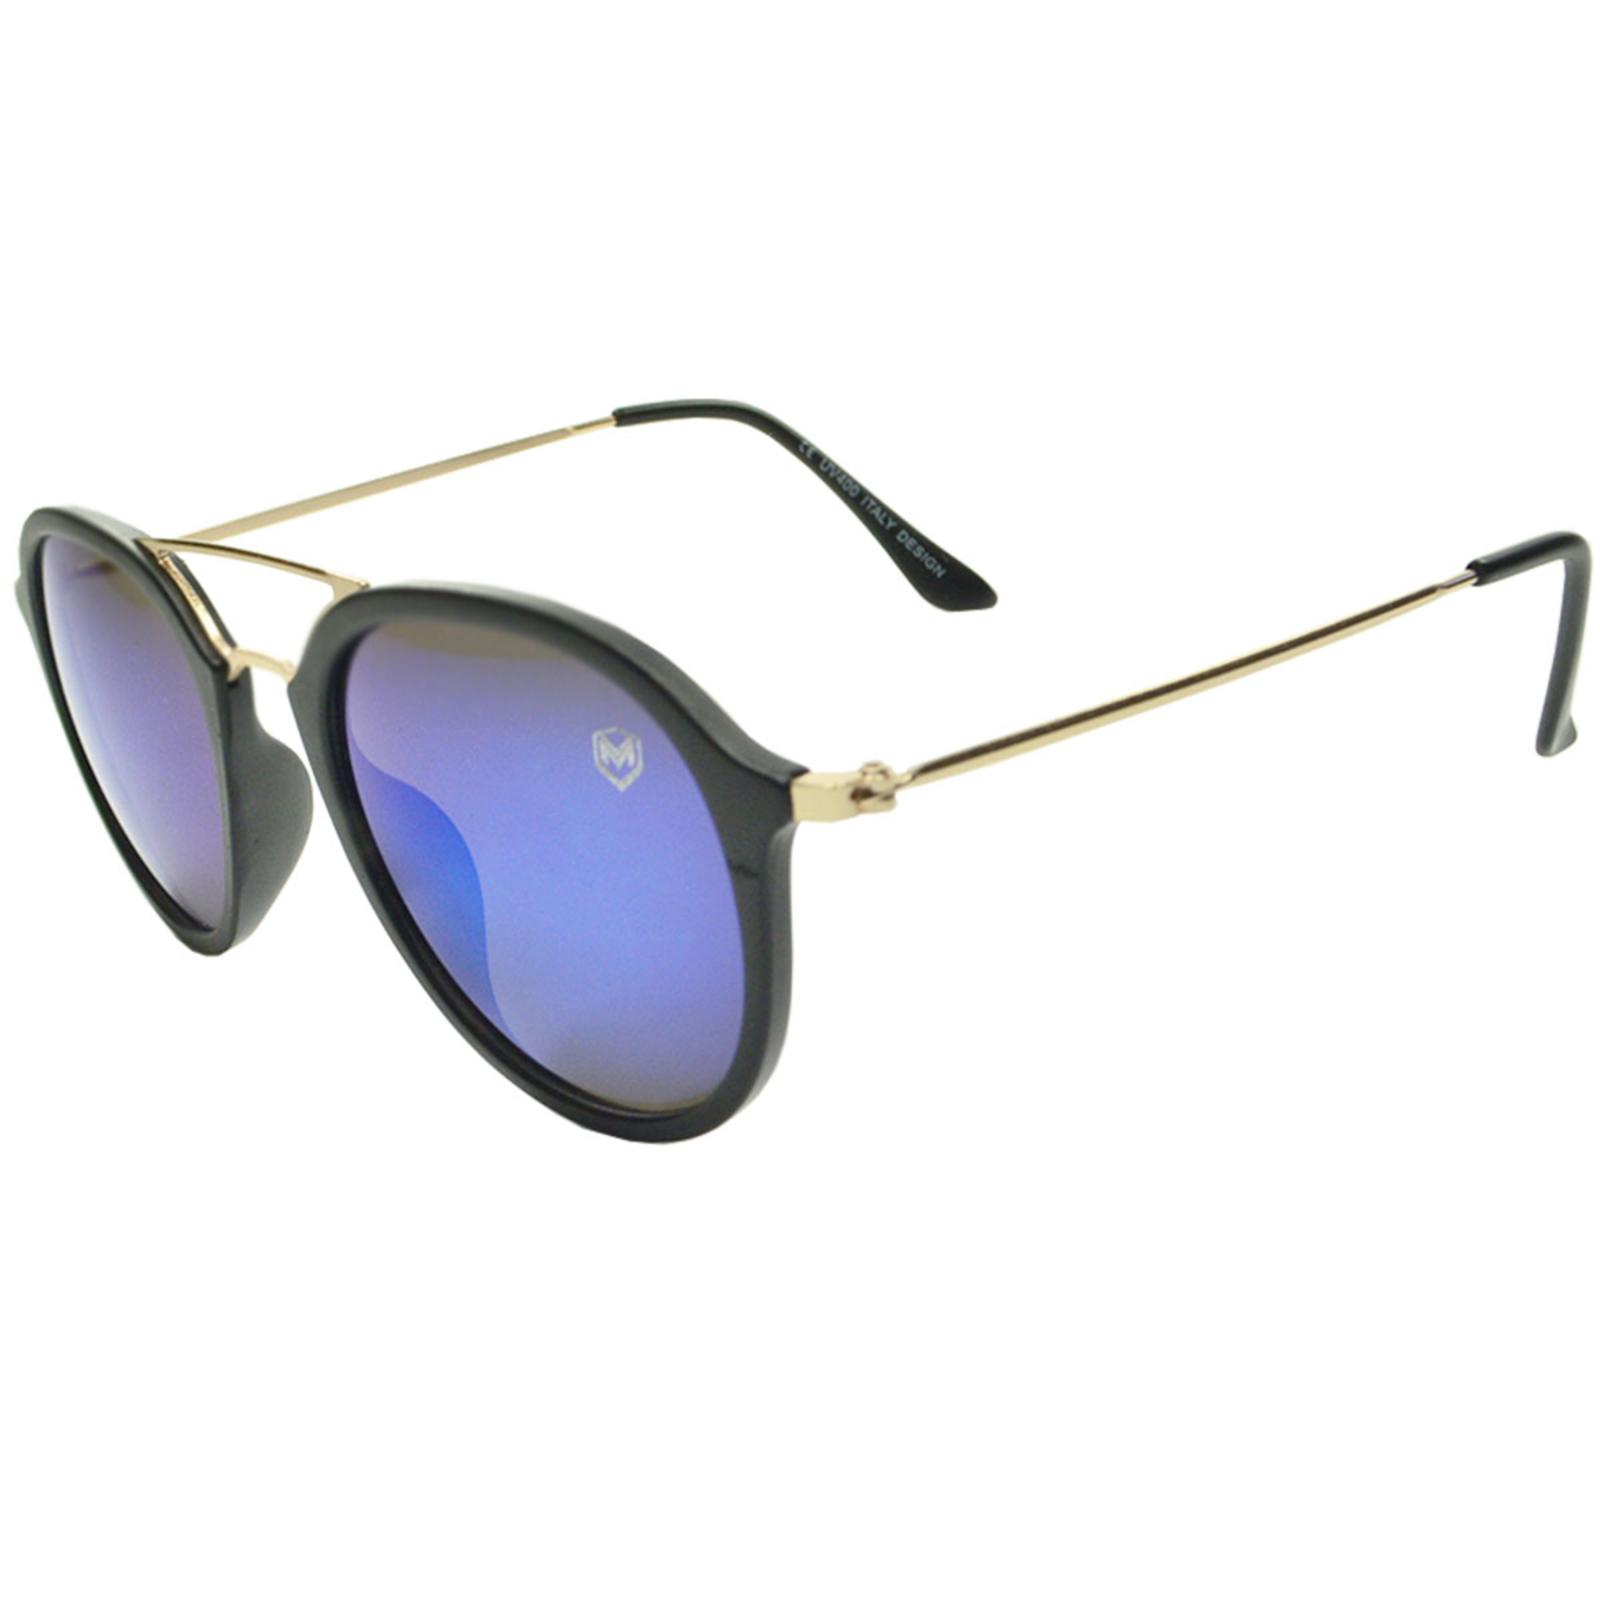 Óculos De Sol Mackage Masculino Acetato Aviator - Preto